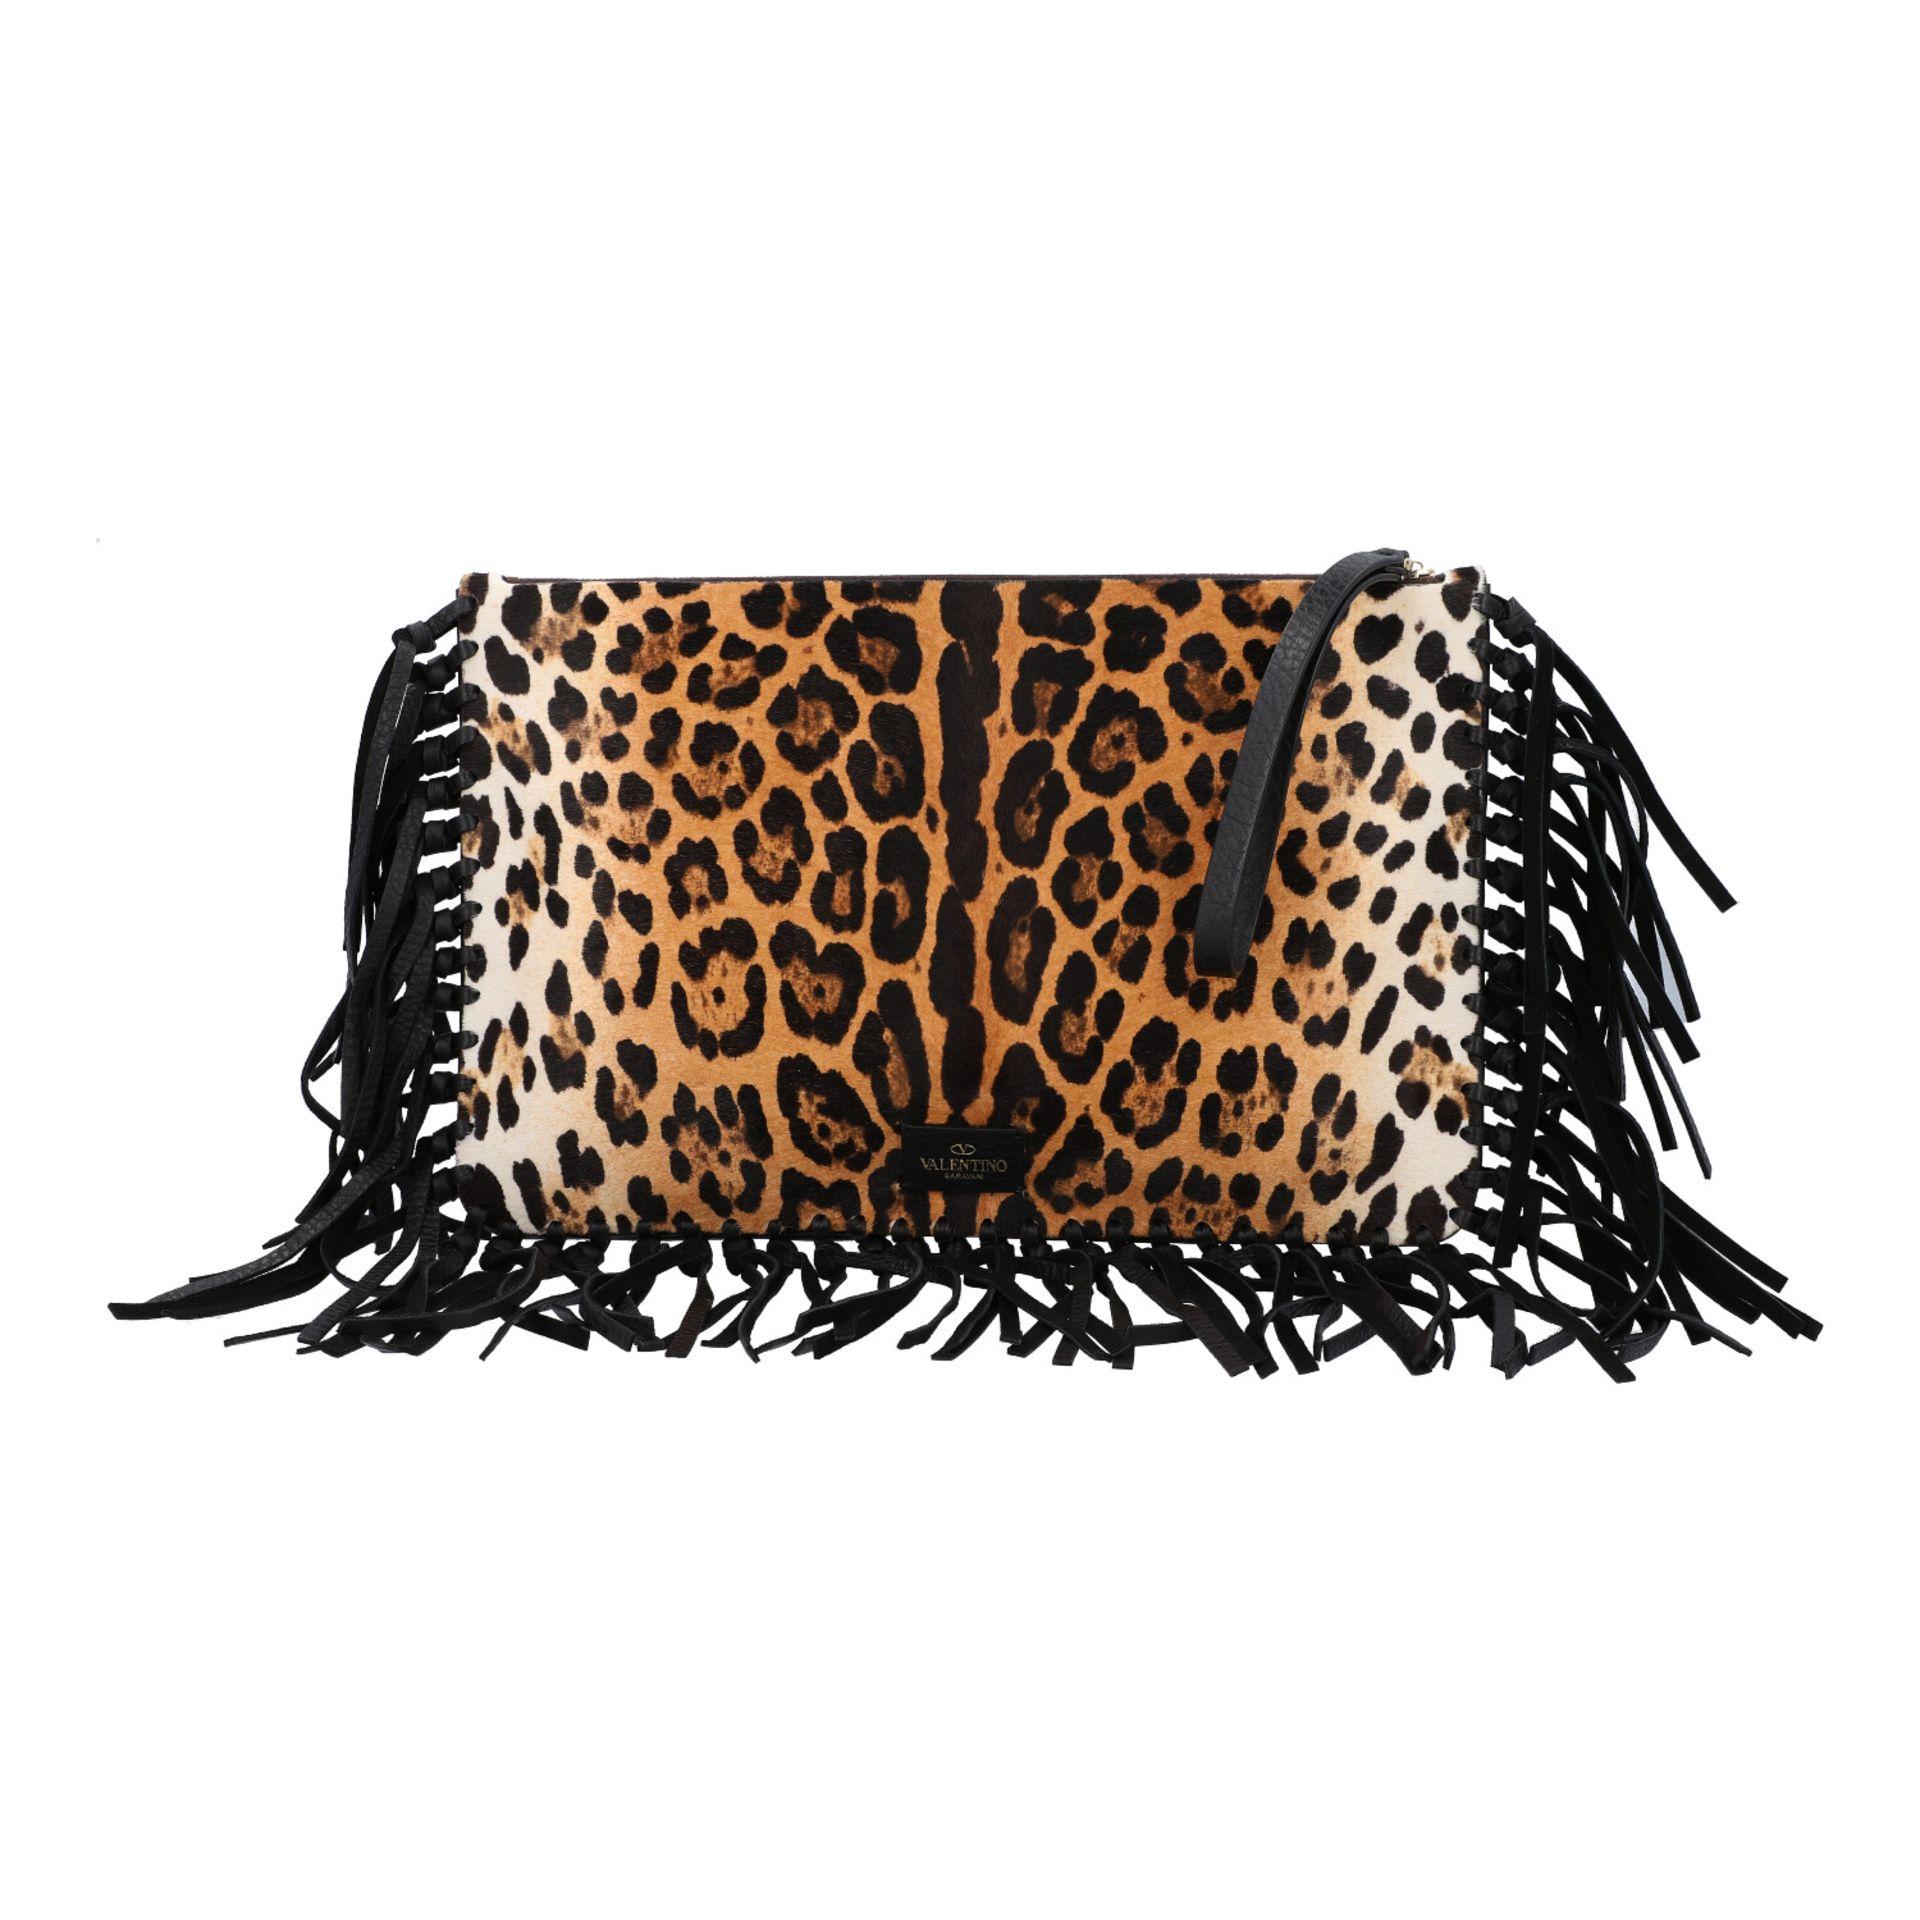 VALENTINO Clutch. Fell im Leoparden-Design mit Fransendetail an den Kanten aus schwarz